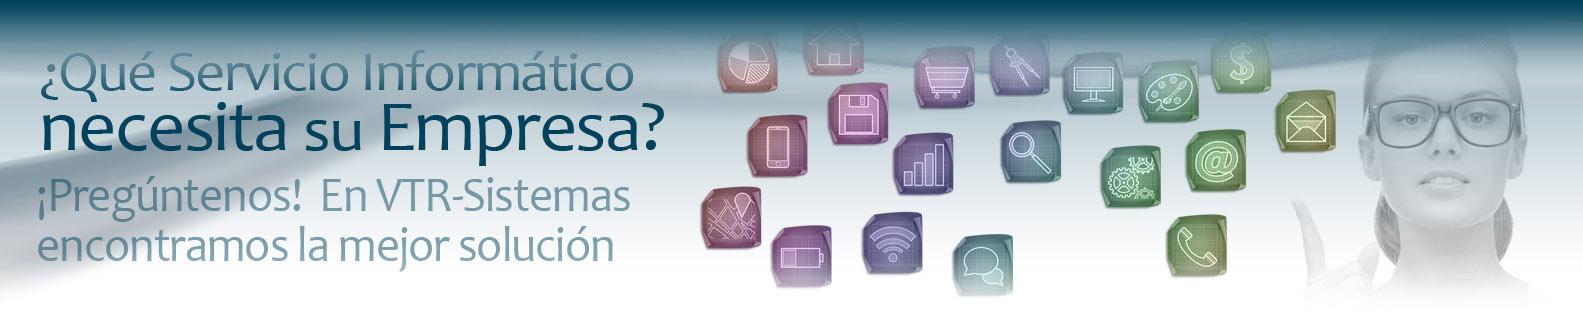 Mantenimiento informatica, reparacion de ordenadores, diseño web, informatica en altea, informatica en aliante